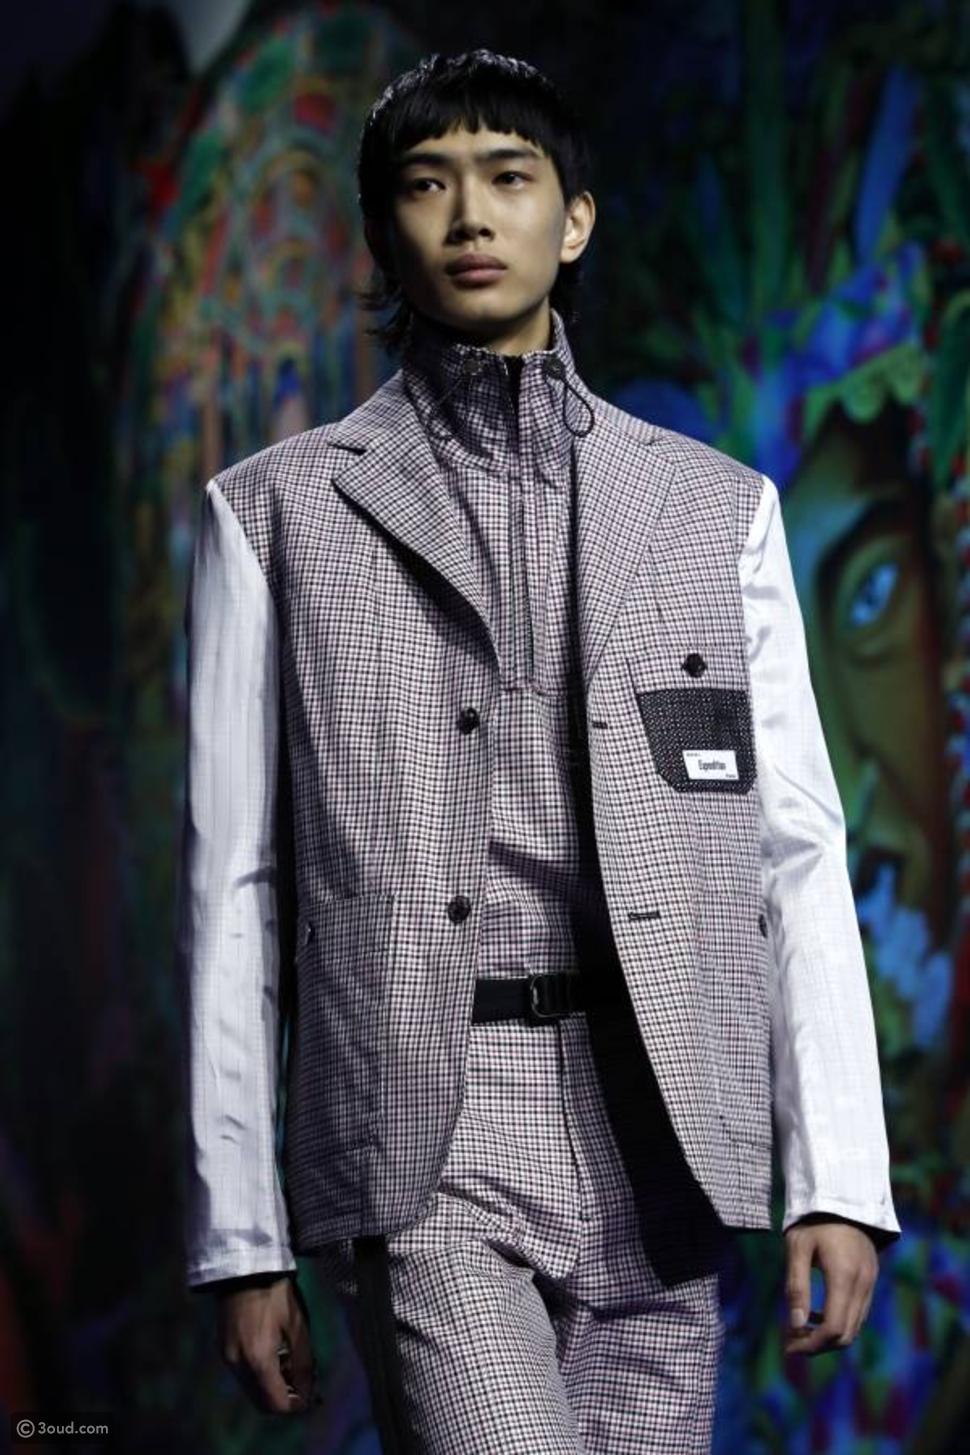 هادي سليمان يختتم أسبوع الموضة الرجالية في باريس